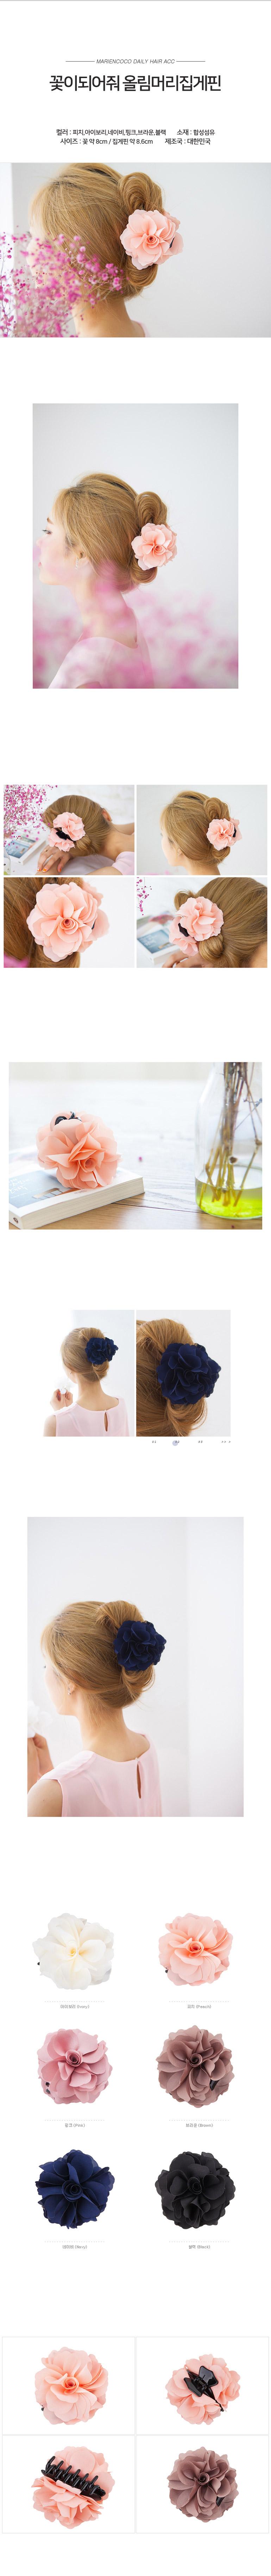 꽃이되어줘 올림머리집게핀 - 마리엔코코, 9,500원, 헤어핀/밴드/끈, 헤어핀/끈